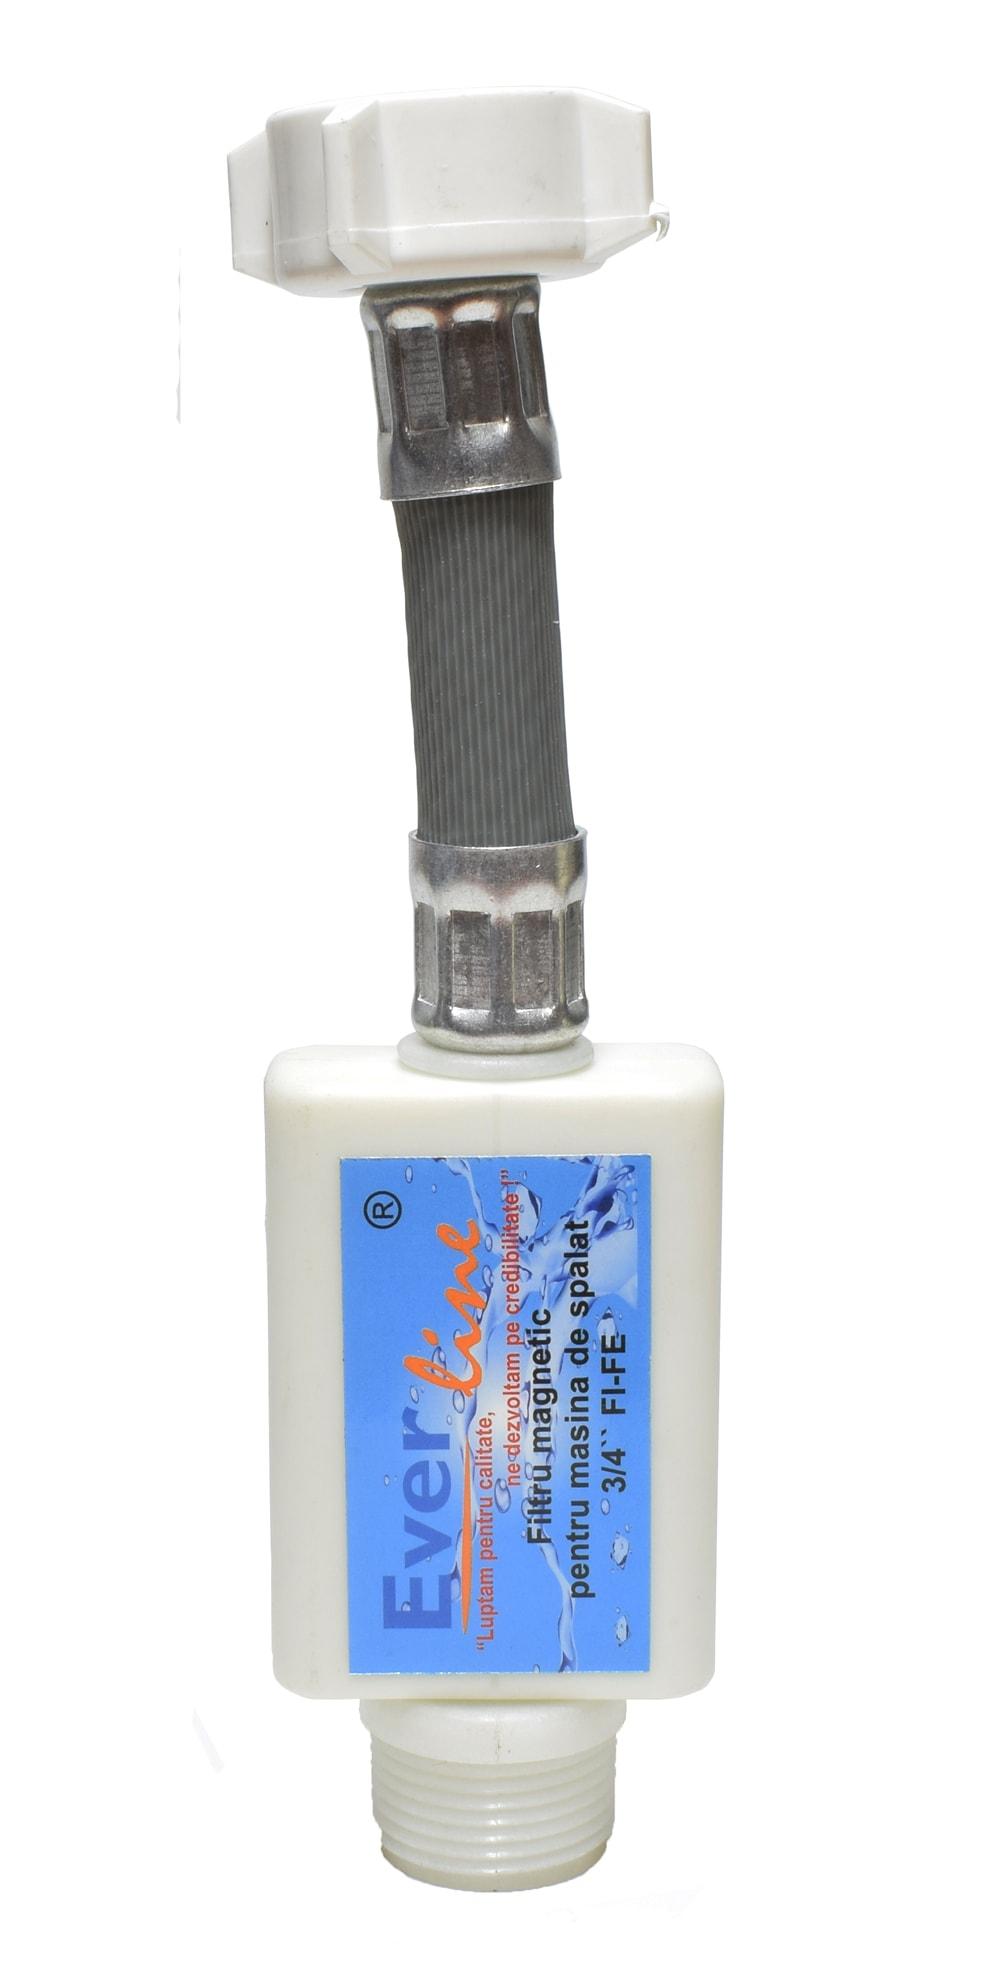 Filtru magnetic pentru masina de spalat Everline 3/4 FI-FE